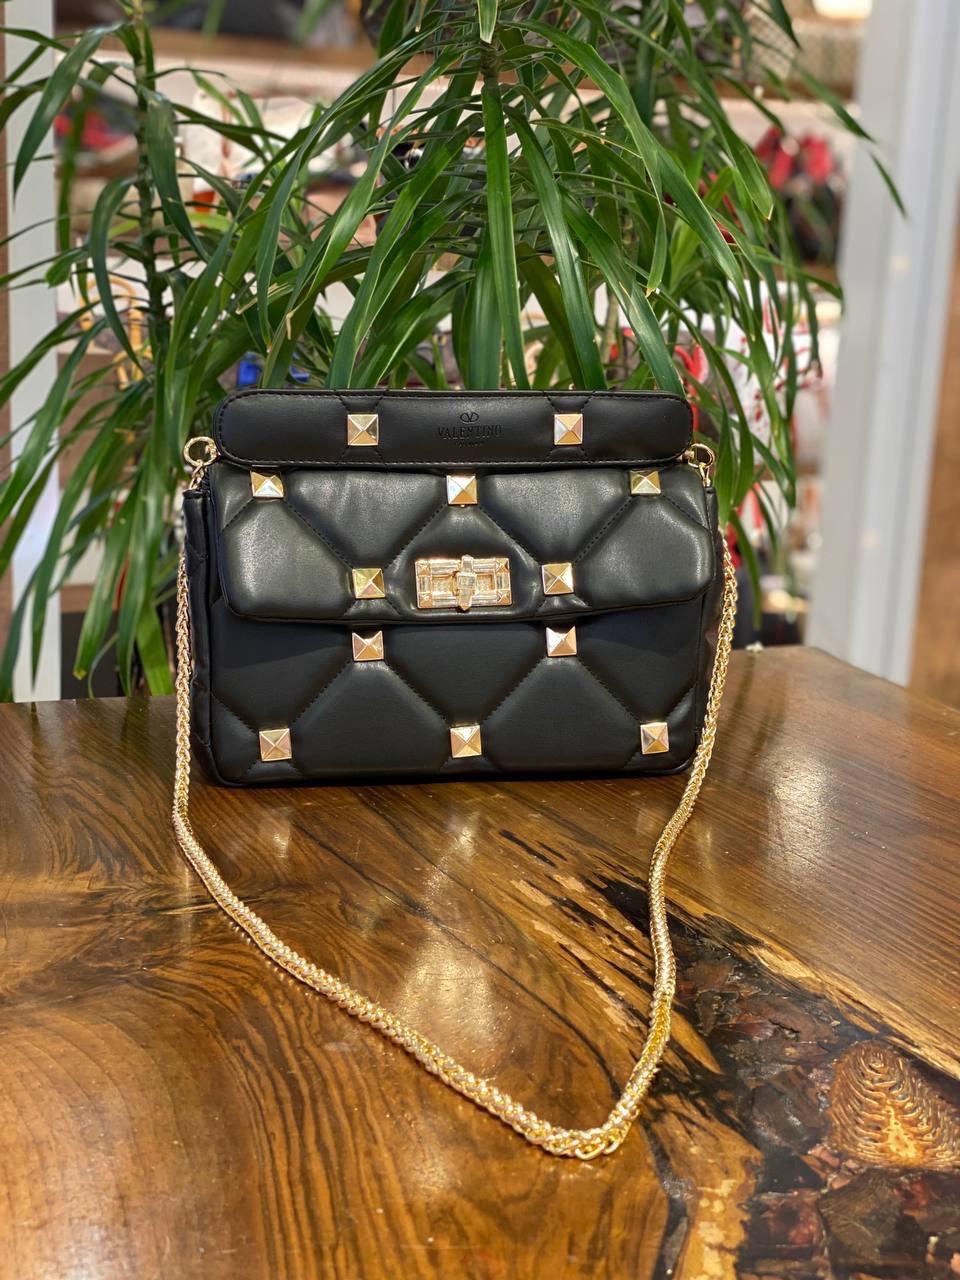 Жіноча сумка/чорна сумка/модна сумка з шипами Valentino (люкс копія).